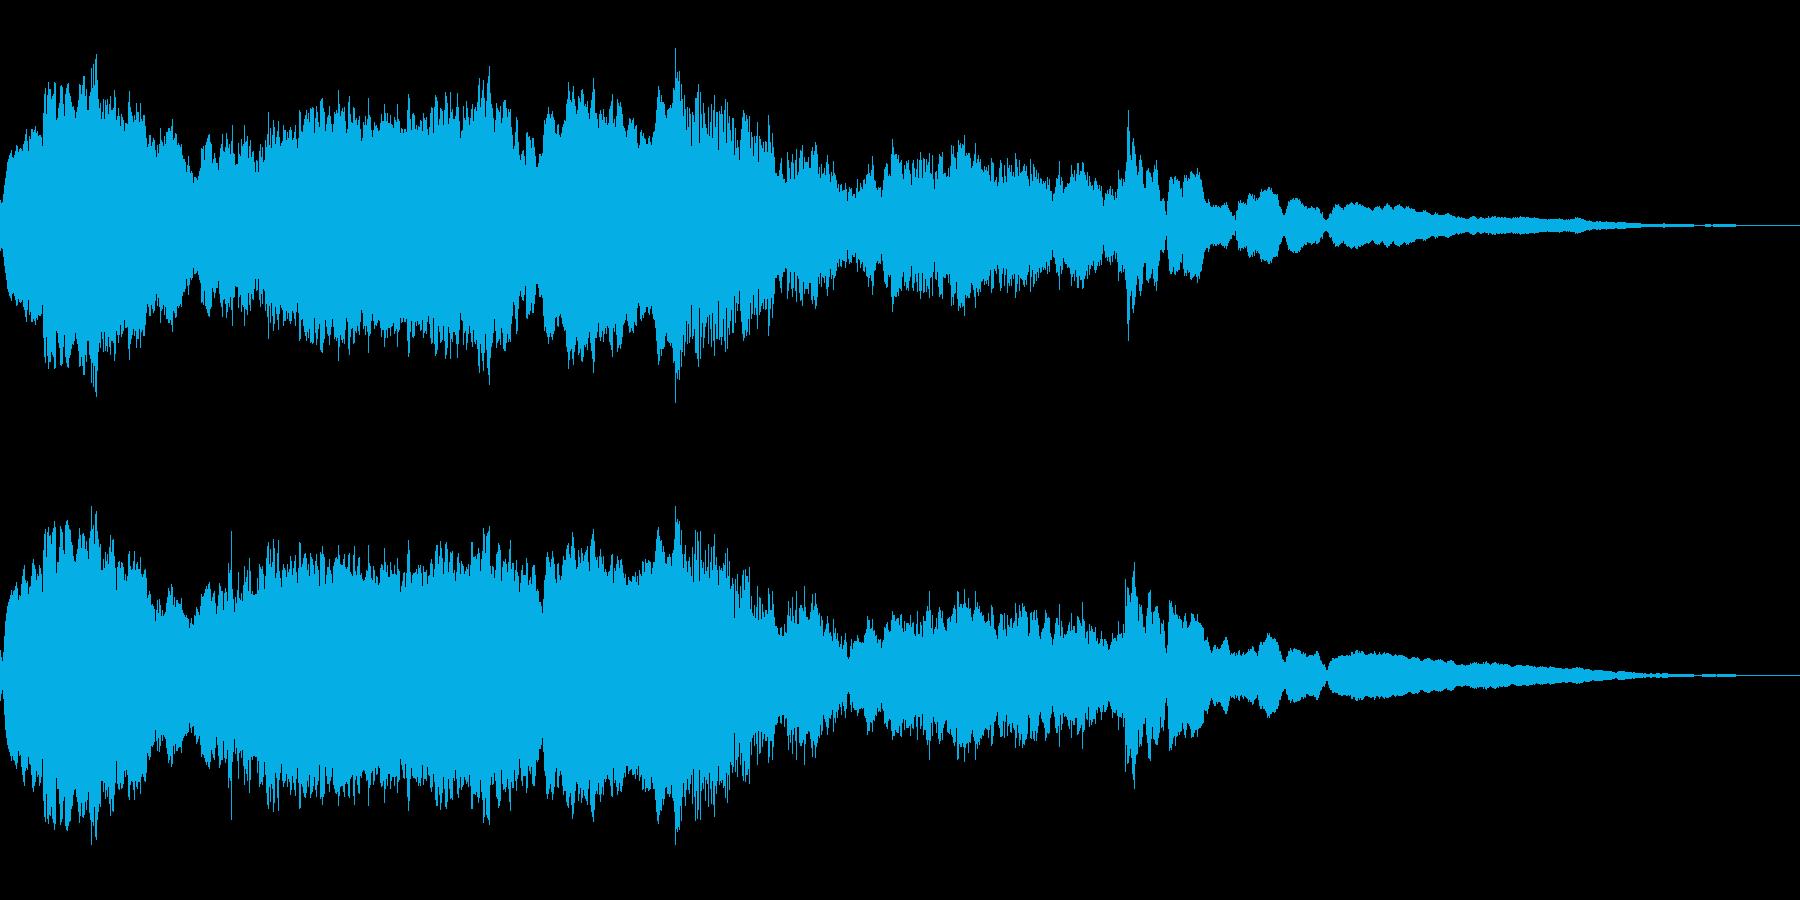 サスペンス、怪しい雰囲気の再生済みの波形